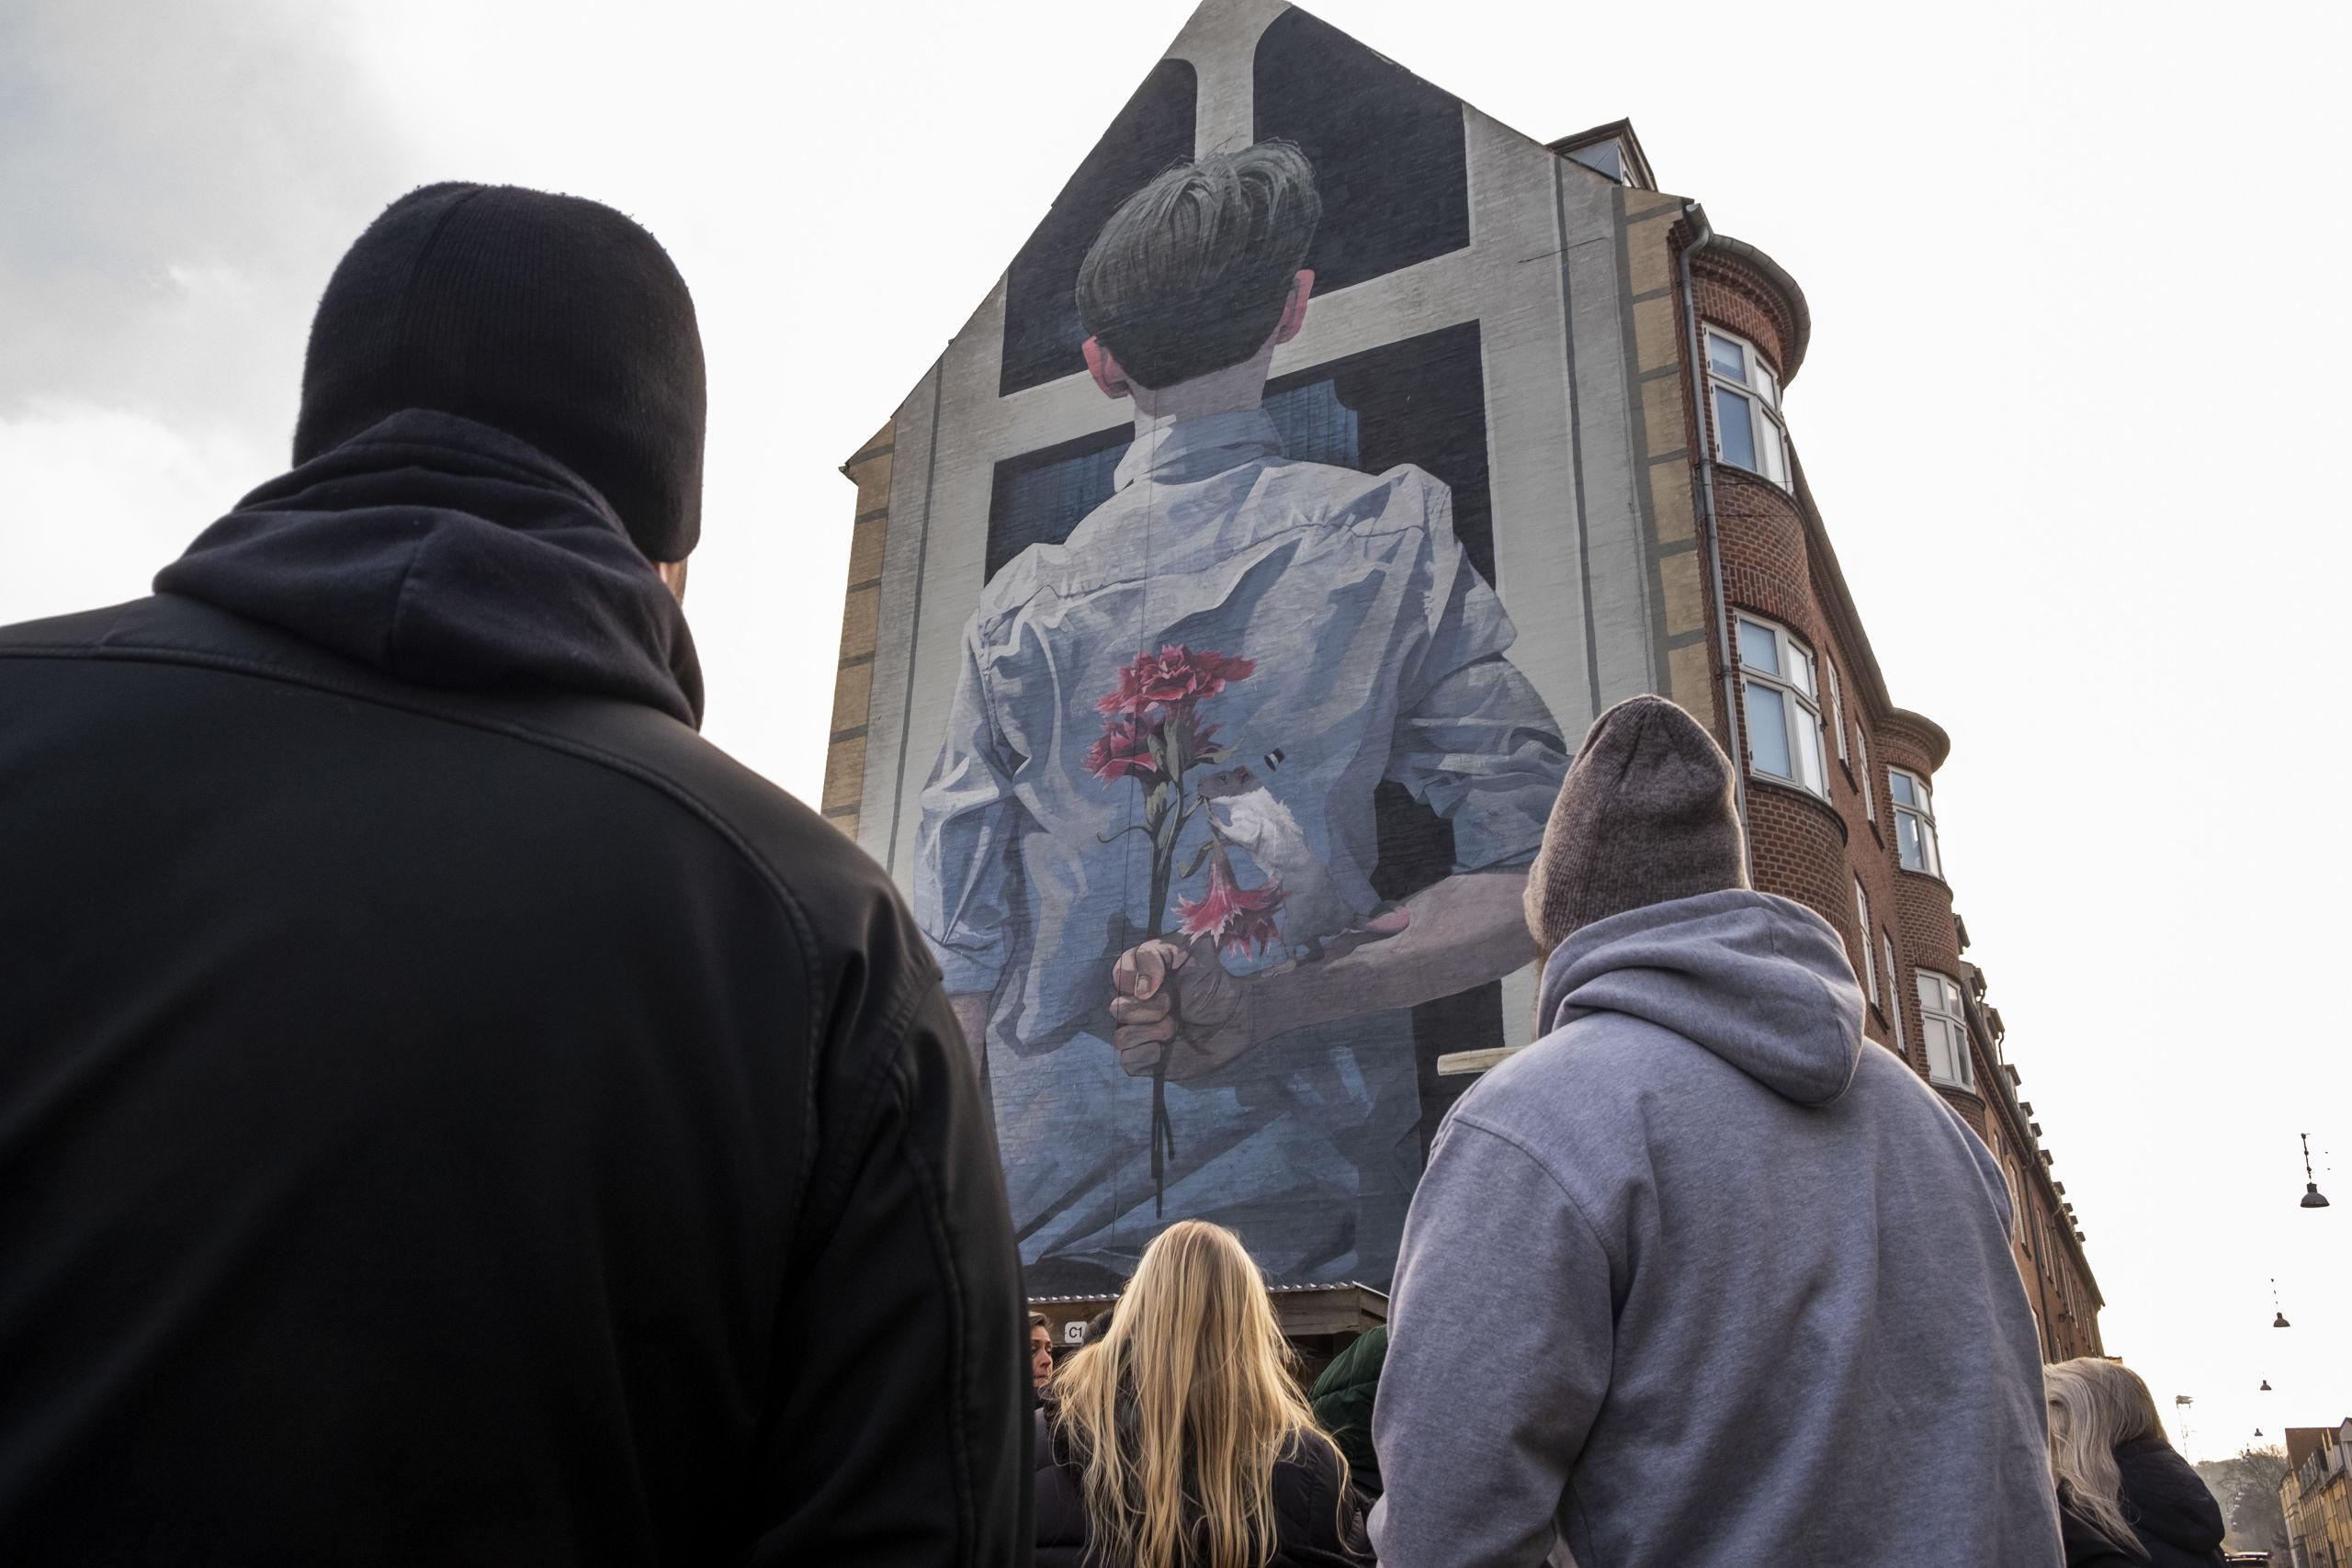 Kom du ikke med? Se billeder fra unik Street Art Walk